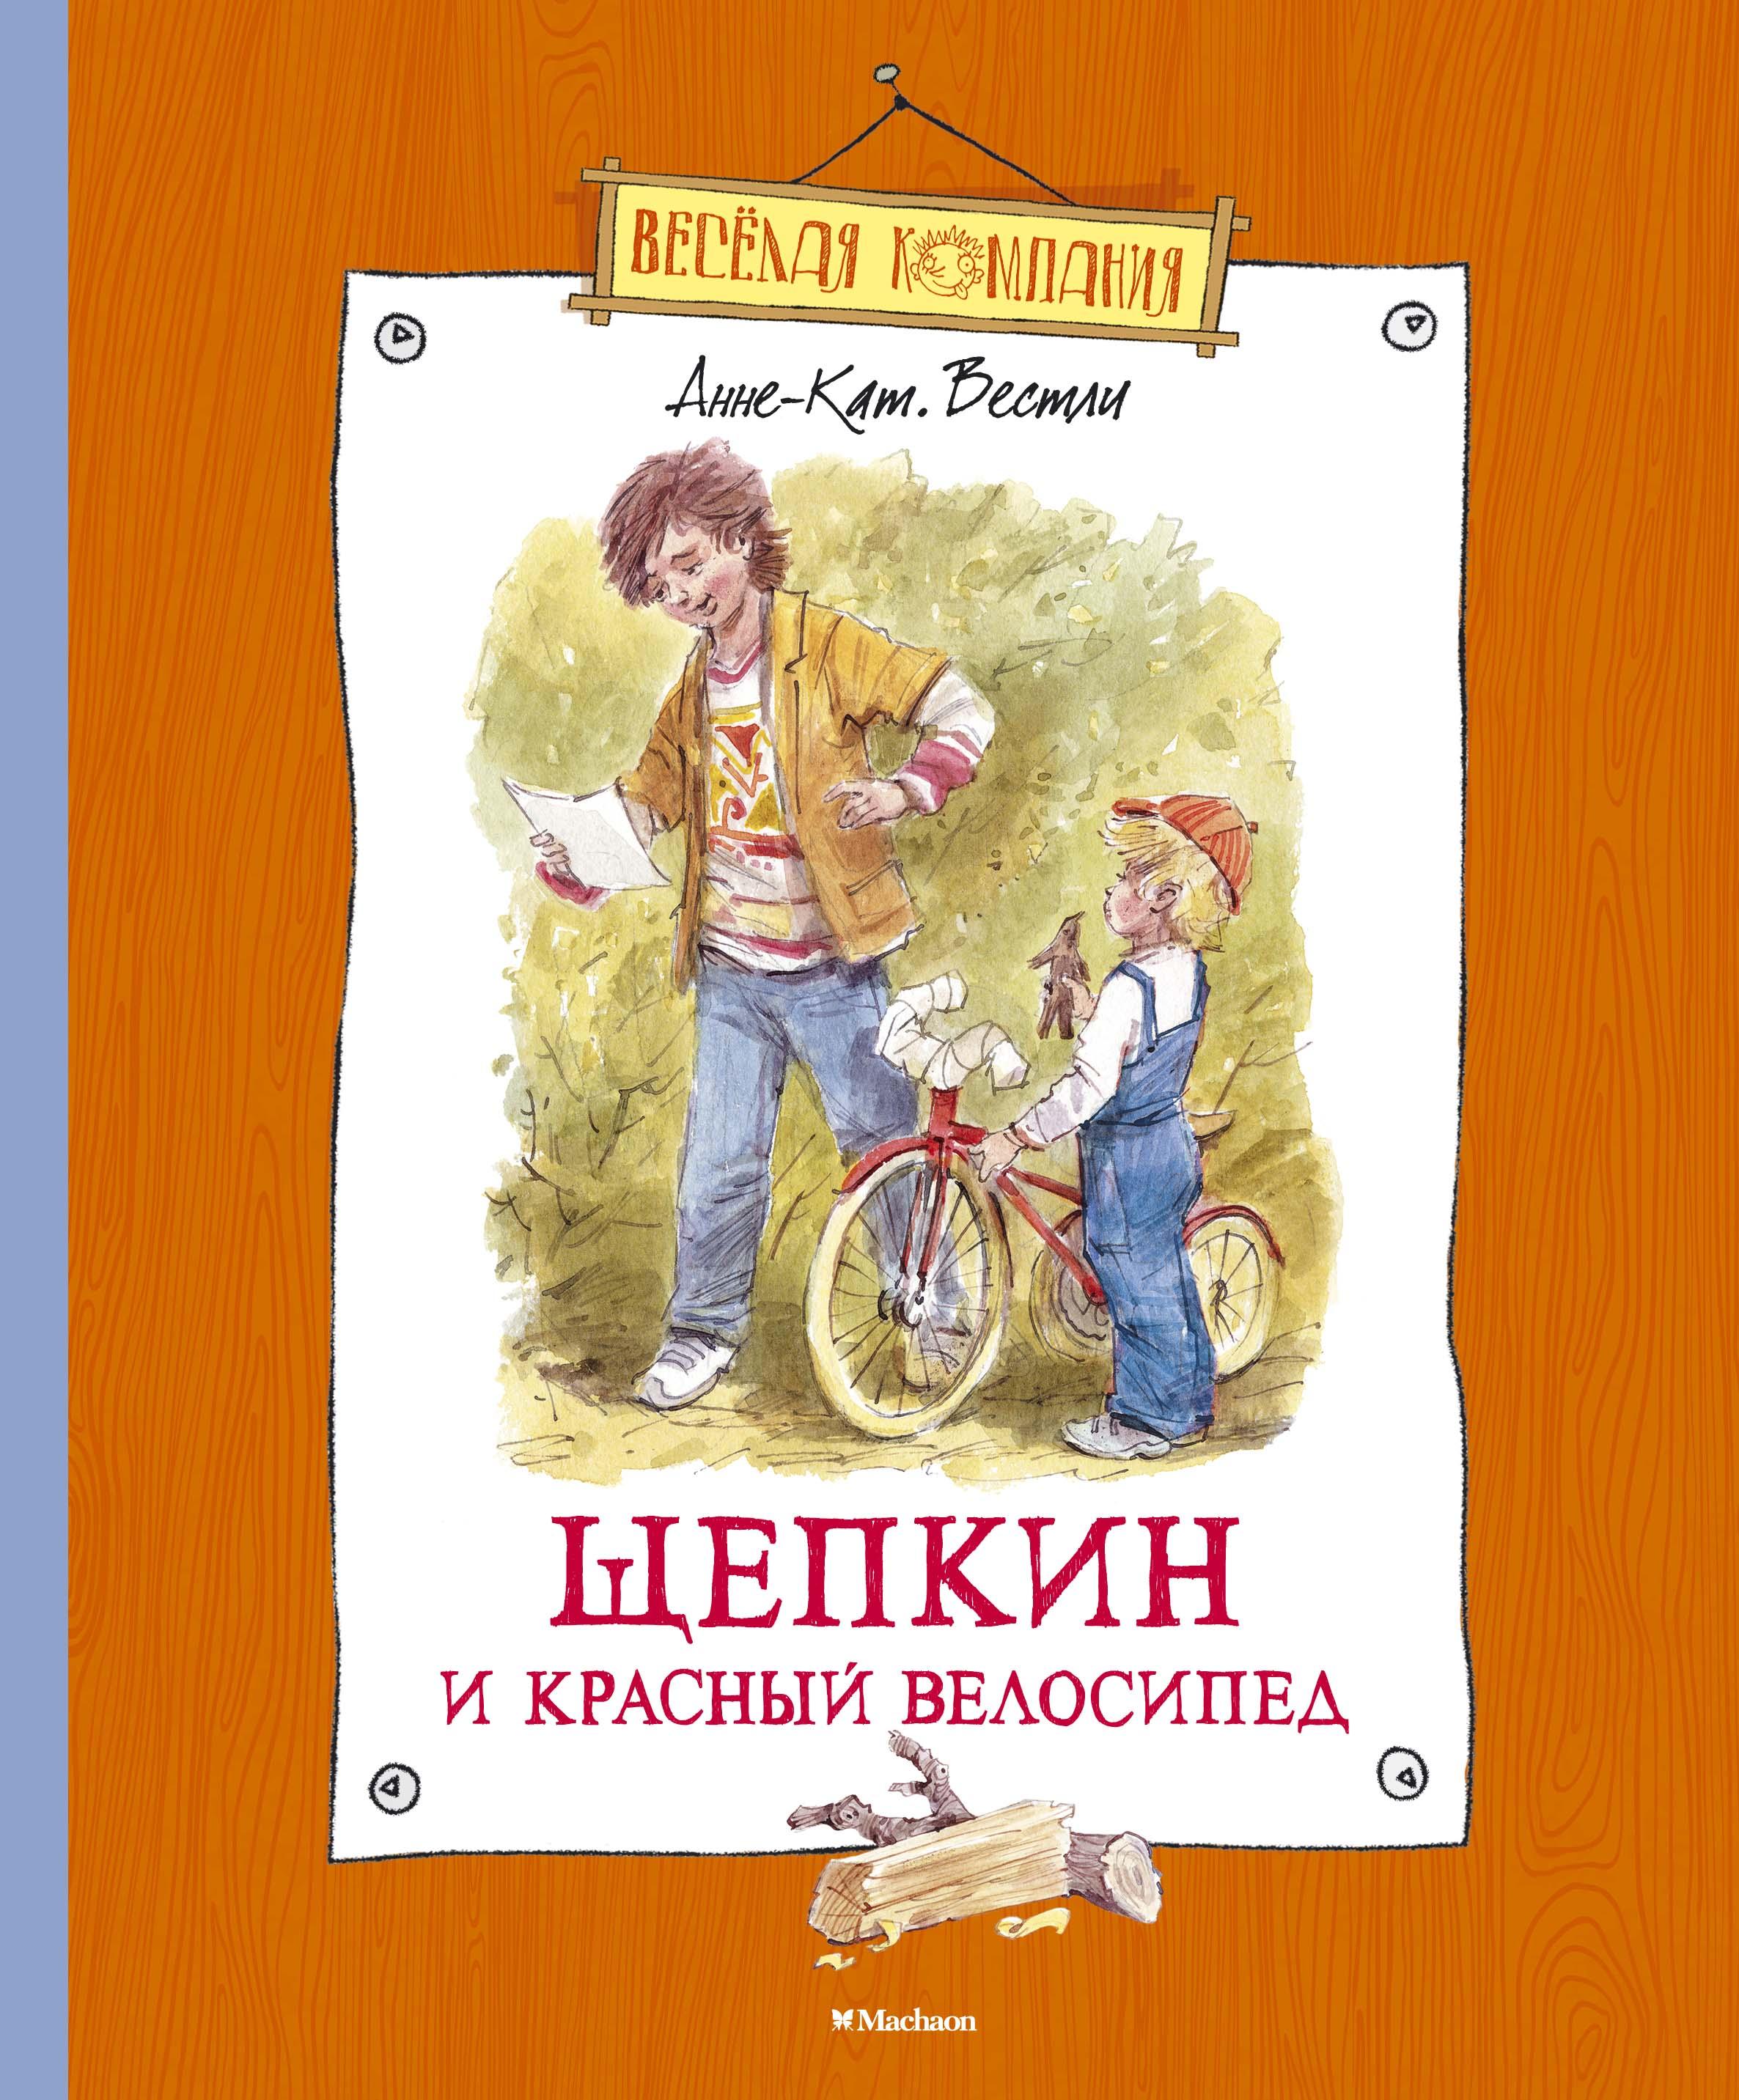 Анне-Кат. Вестли Щепкин и красный велосипед